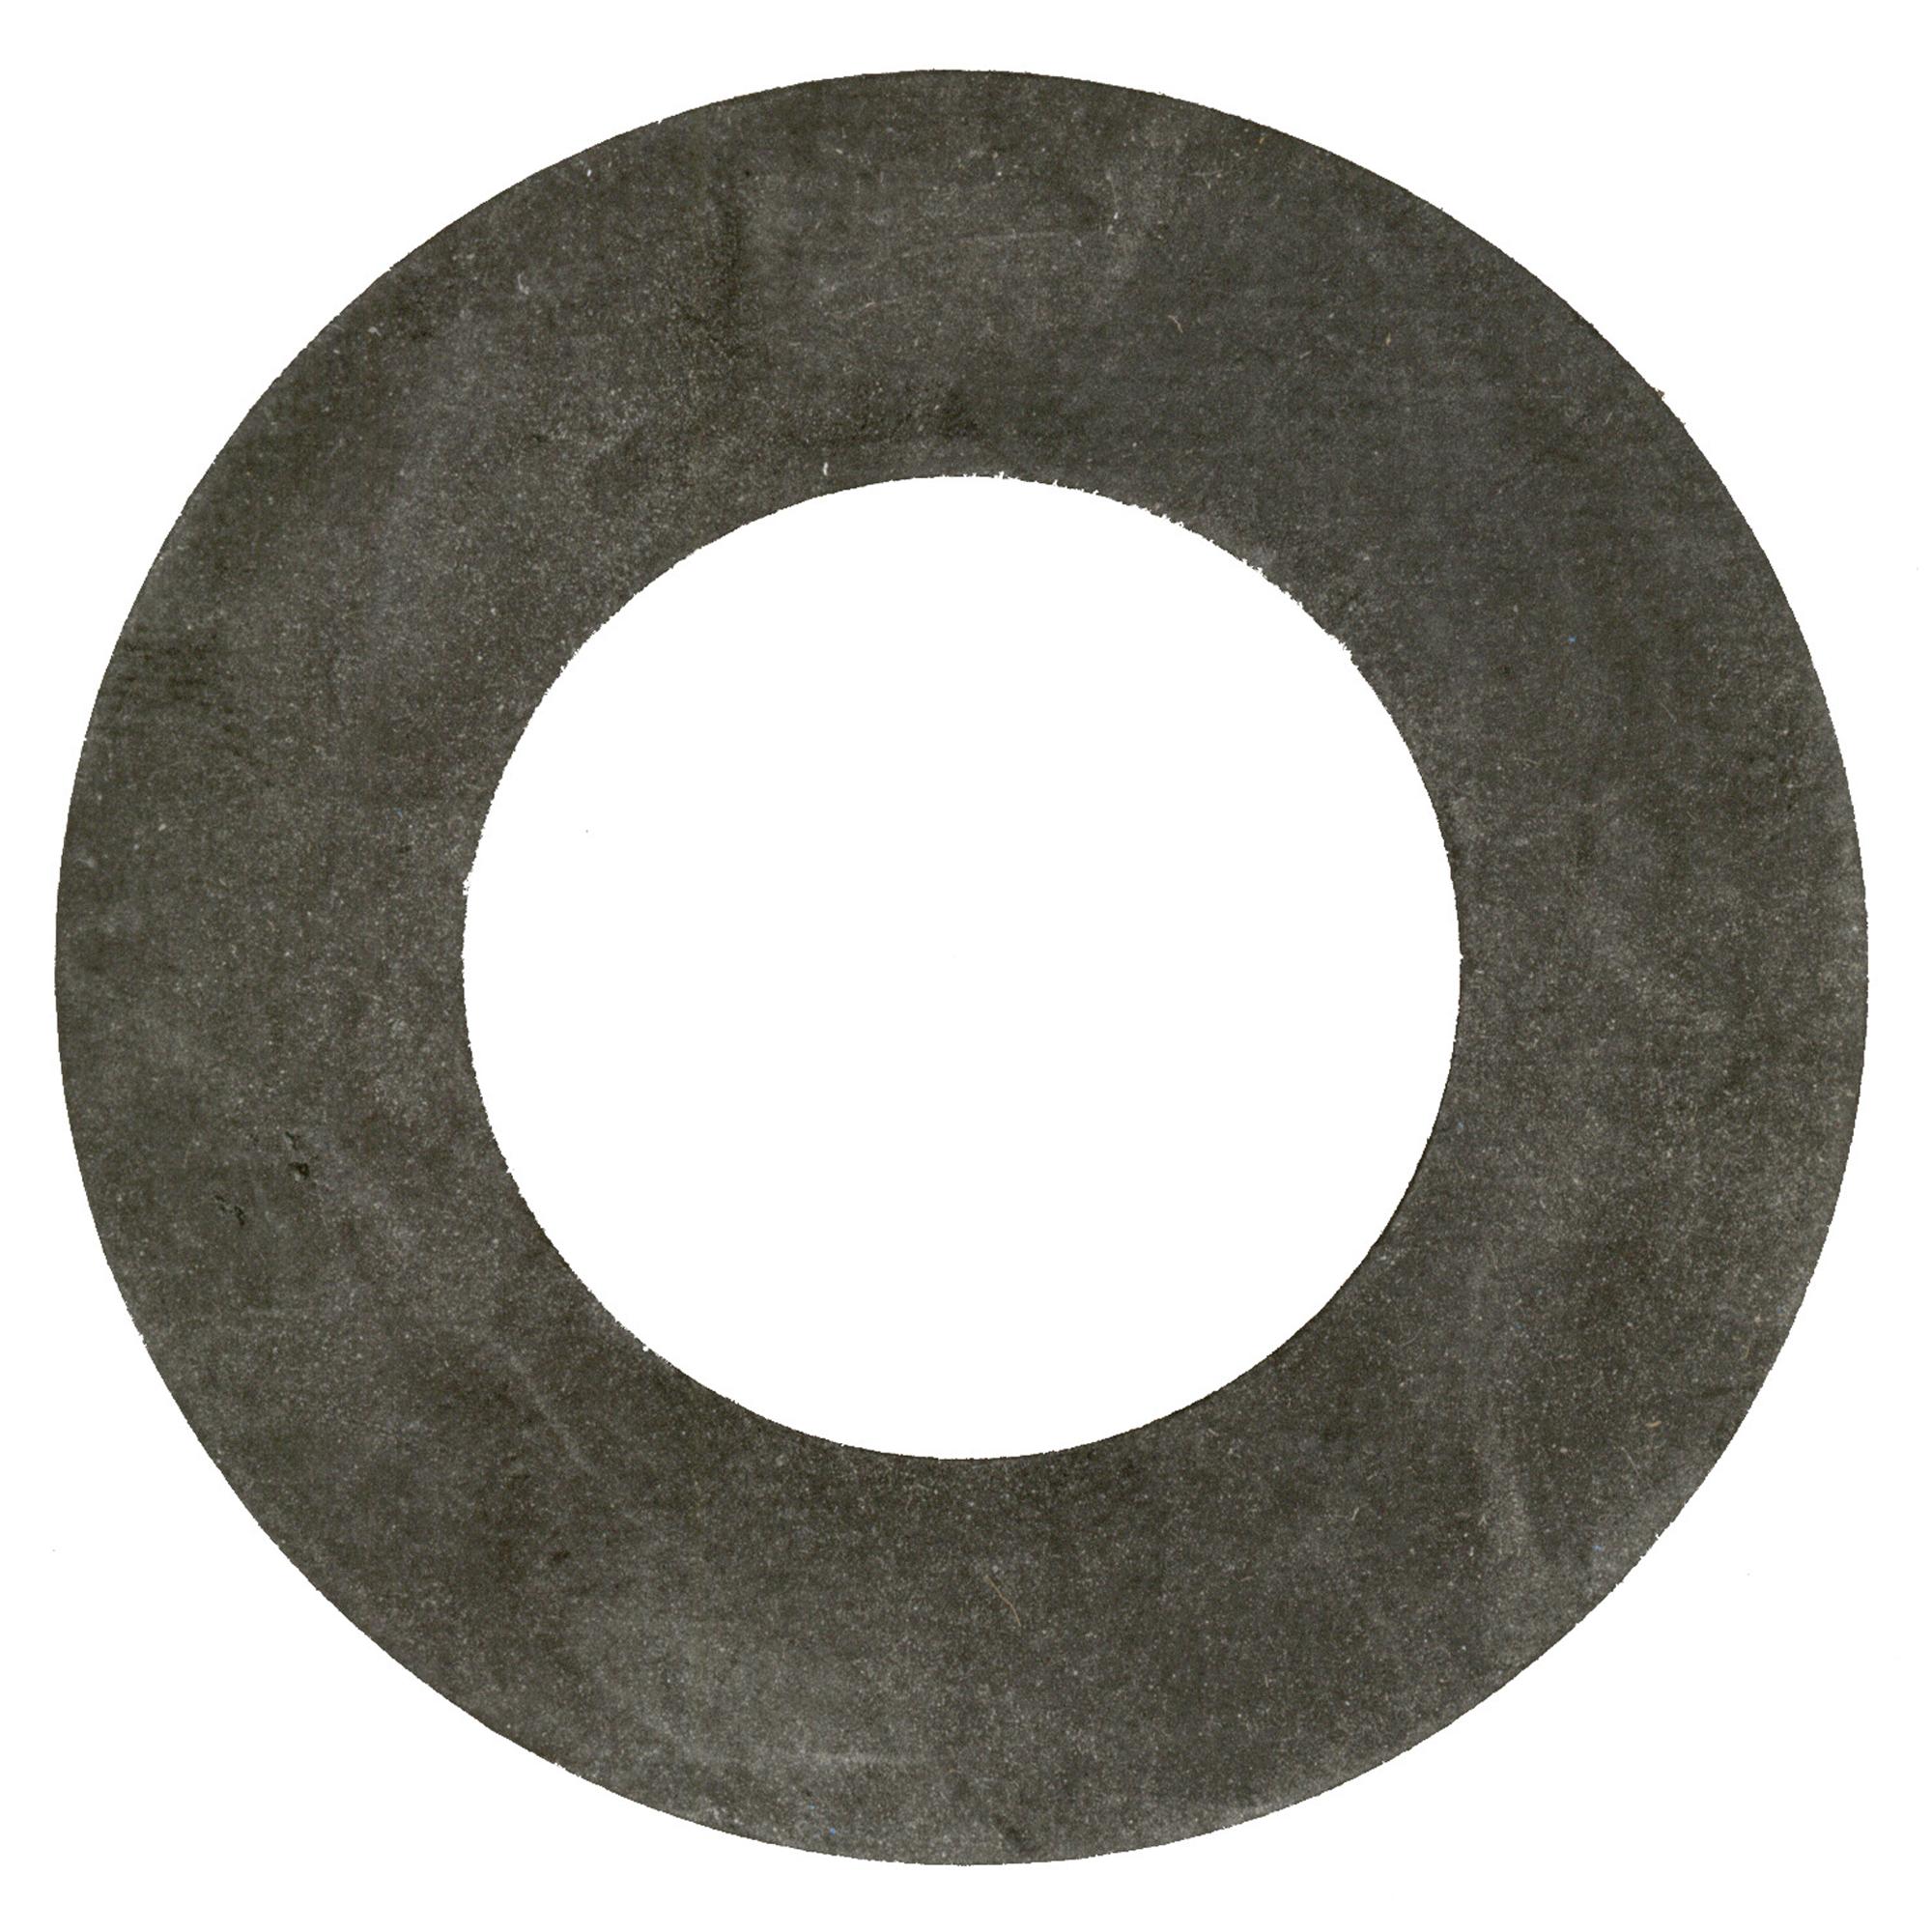 Gummi Verschluss Unterlegscheibe Dichtring 14 x 20 x 3 mm 12 St/ück schwarz